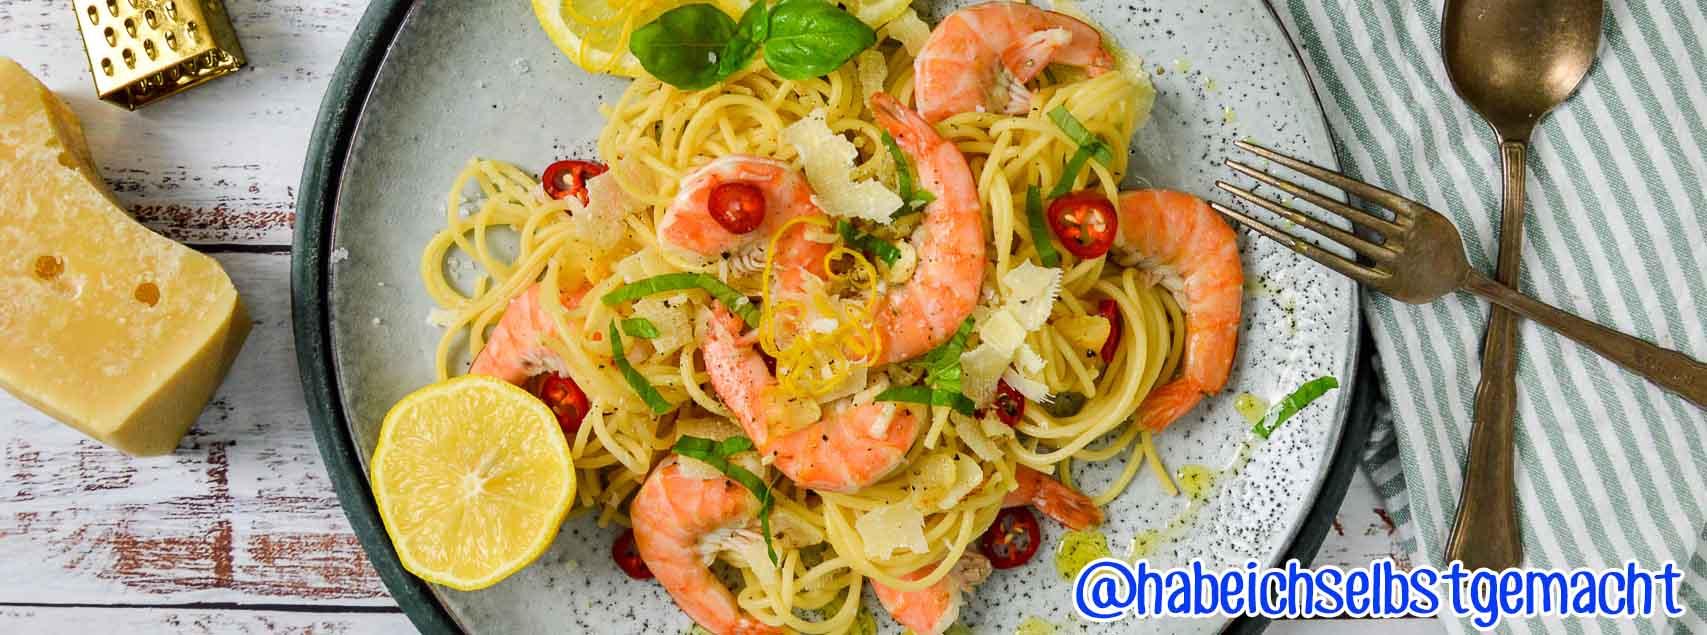 Spaghetti aux crevettes, sauce au citron